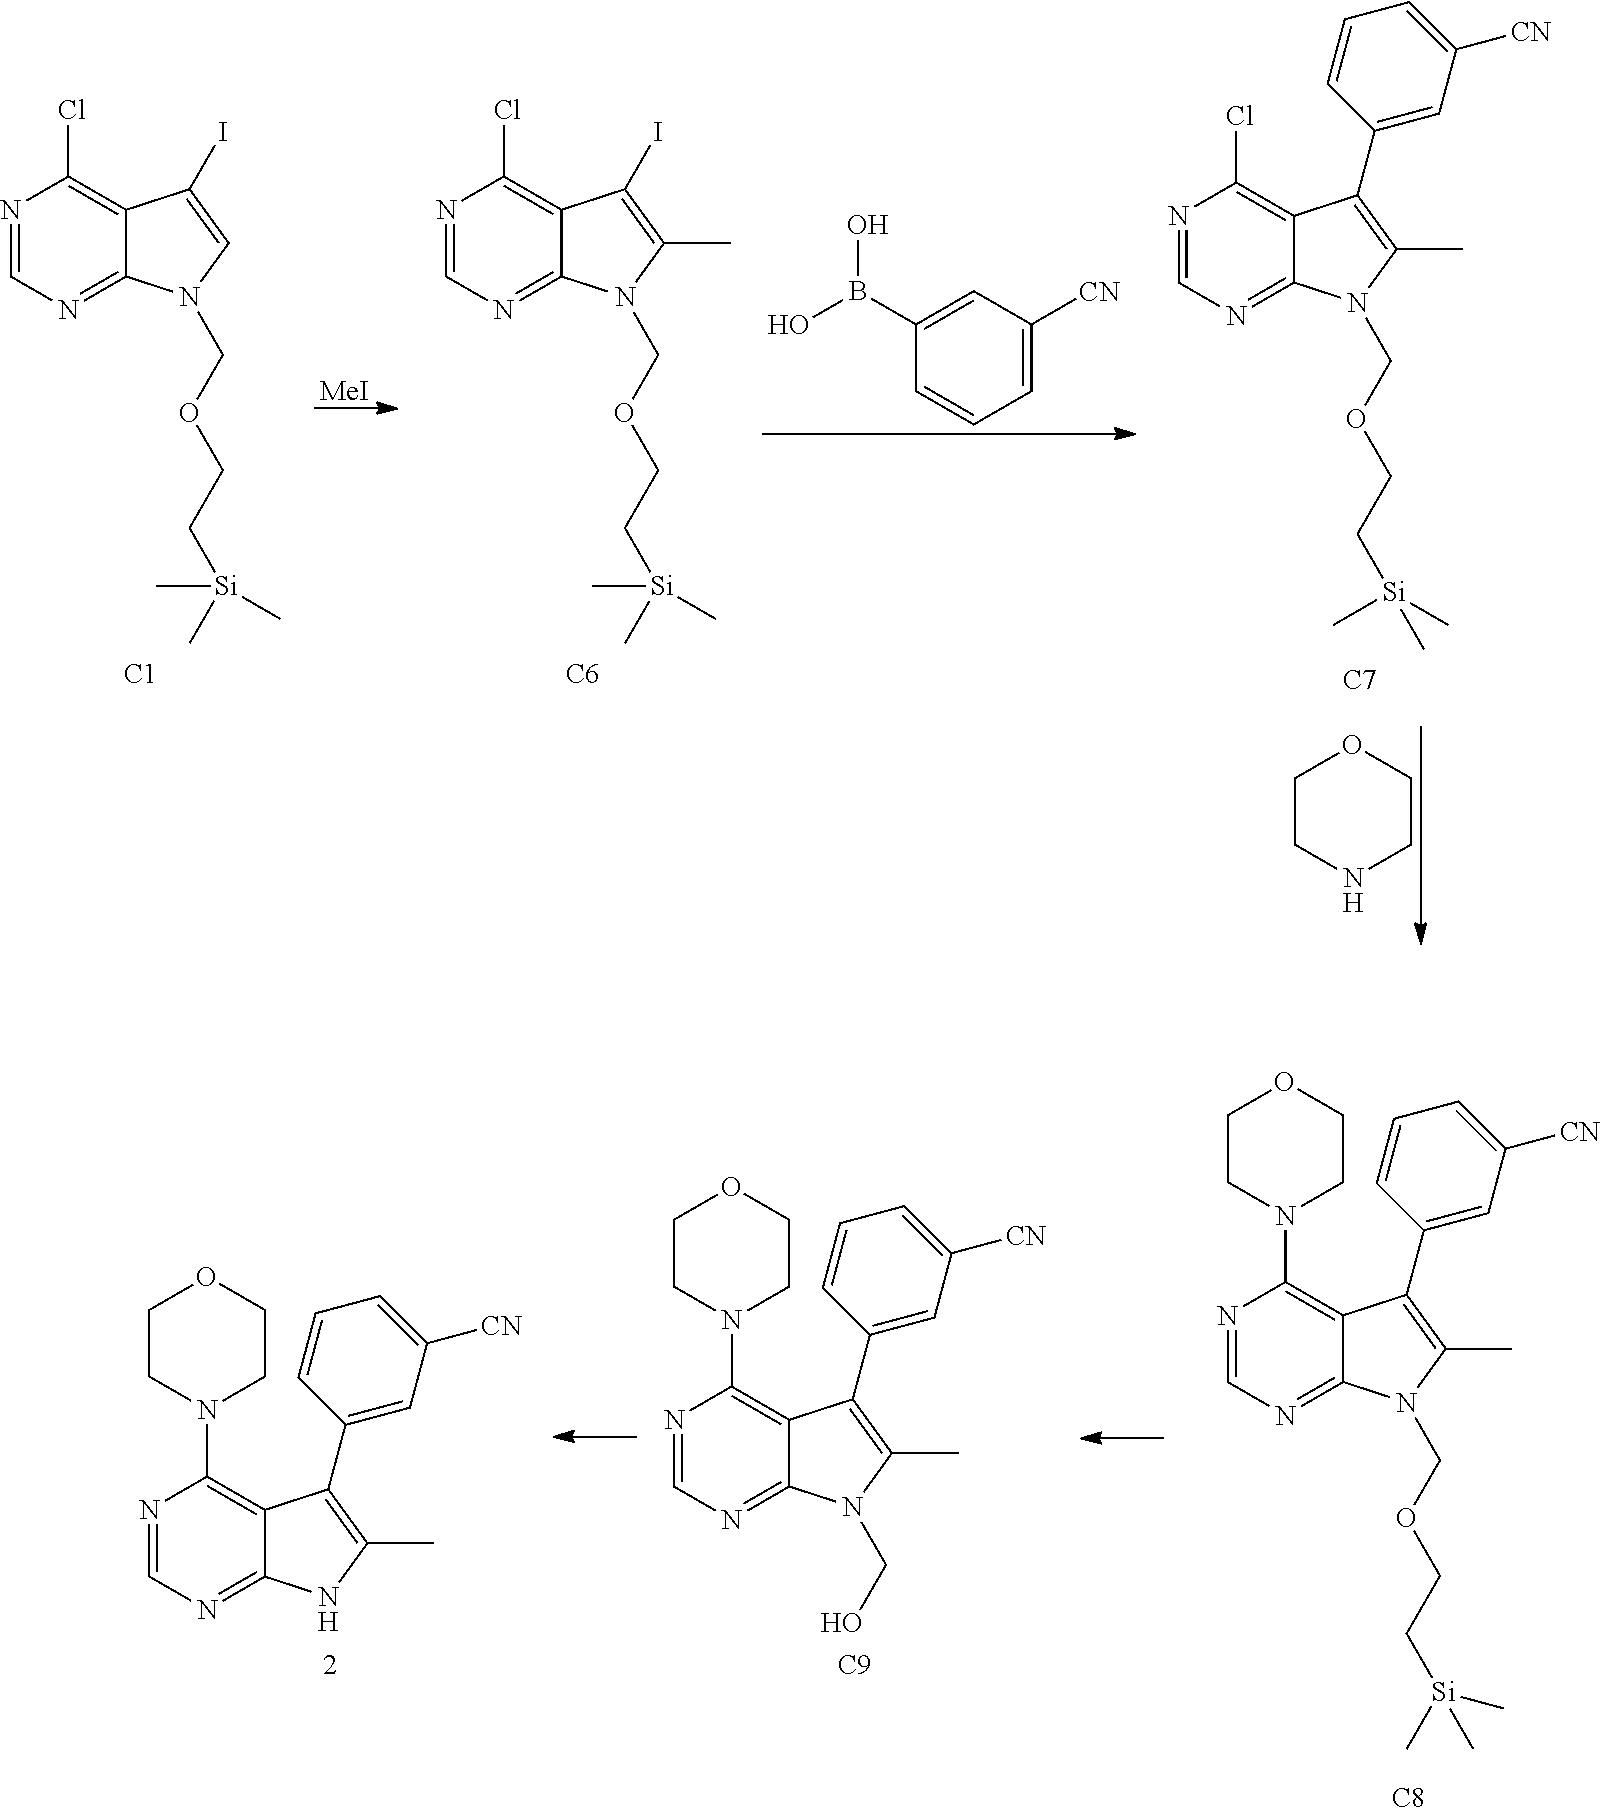 Figure US09156845-20151013-C00020